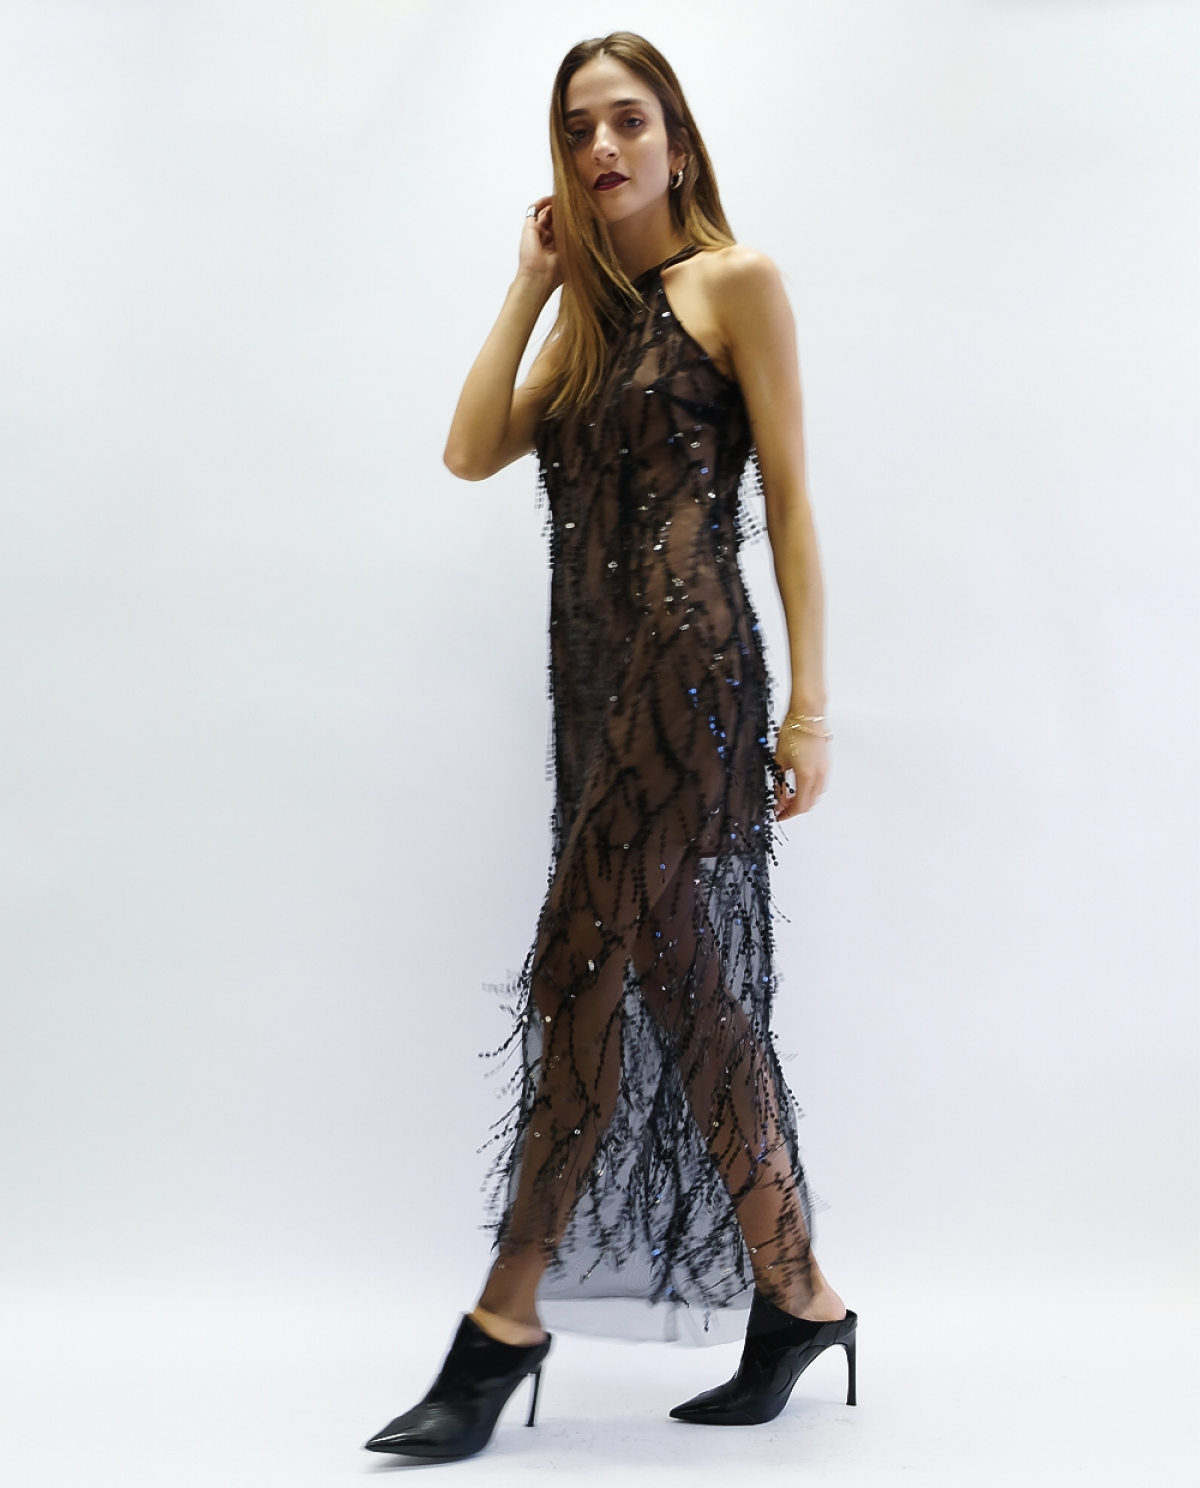 6ff6efa997a96 Sequined Tulle Black Maxi Dress - Fashionnoiz